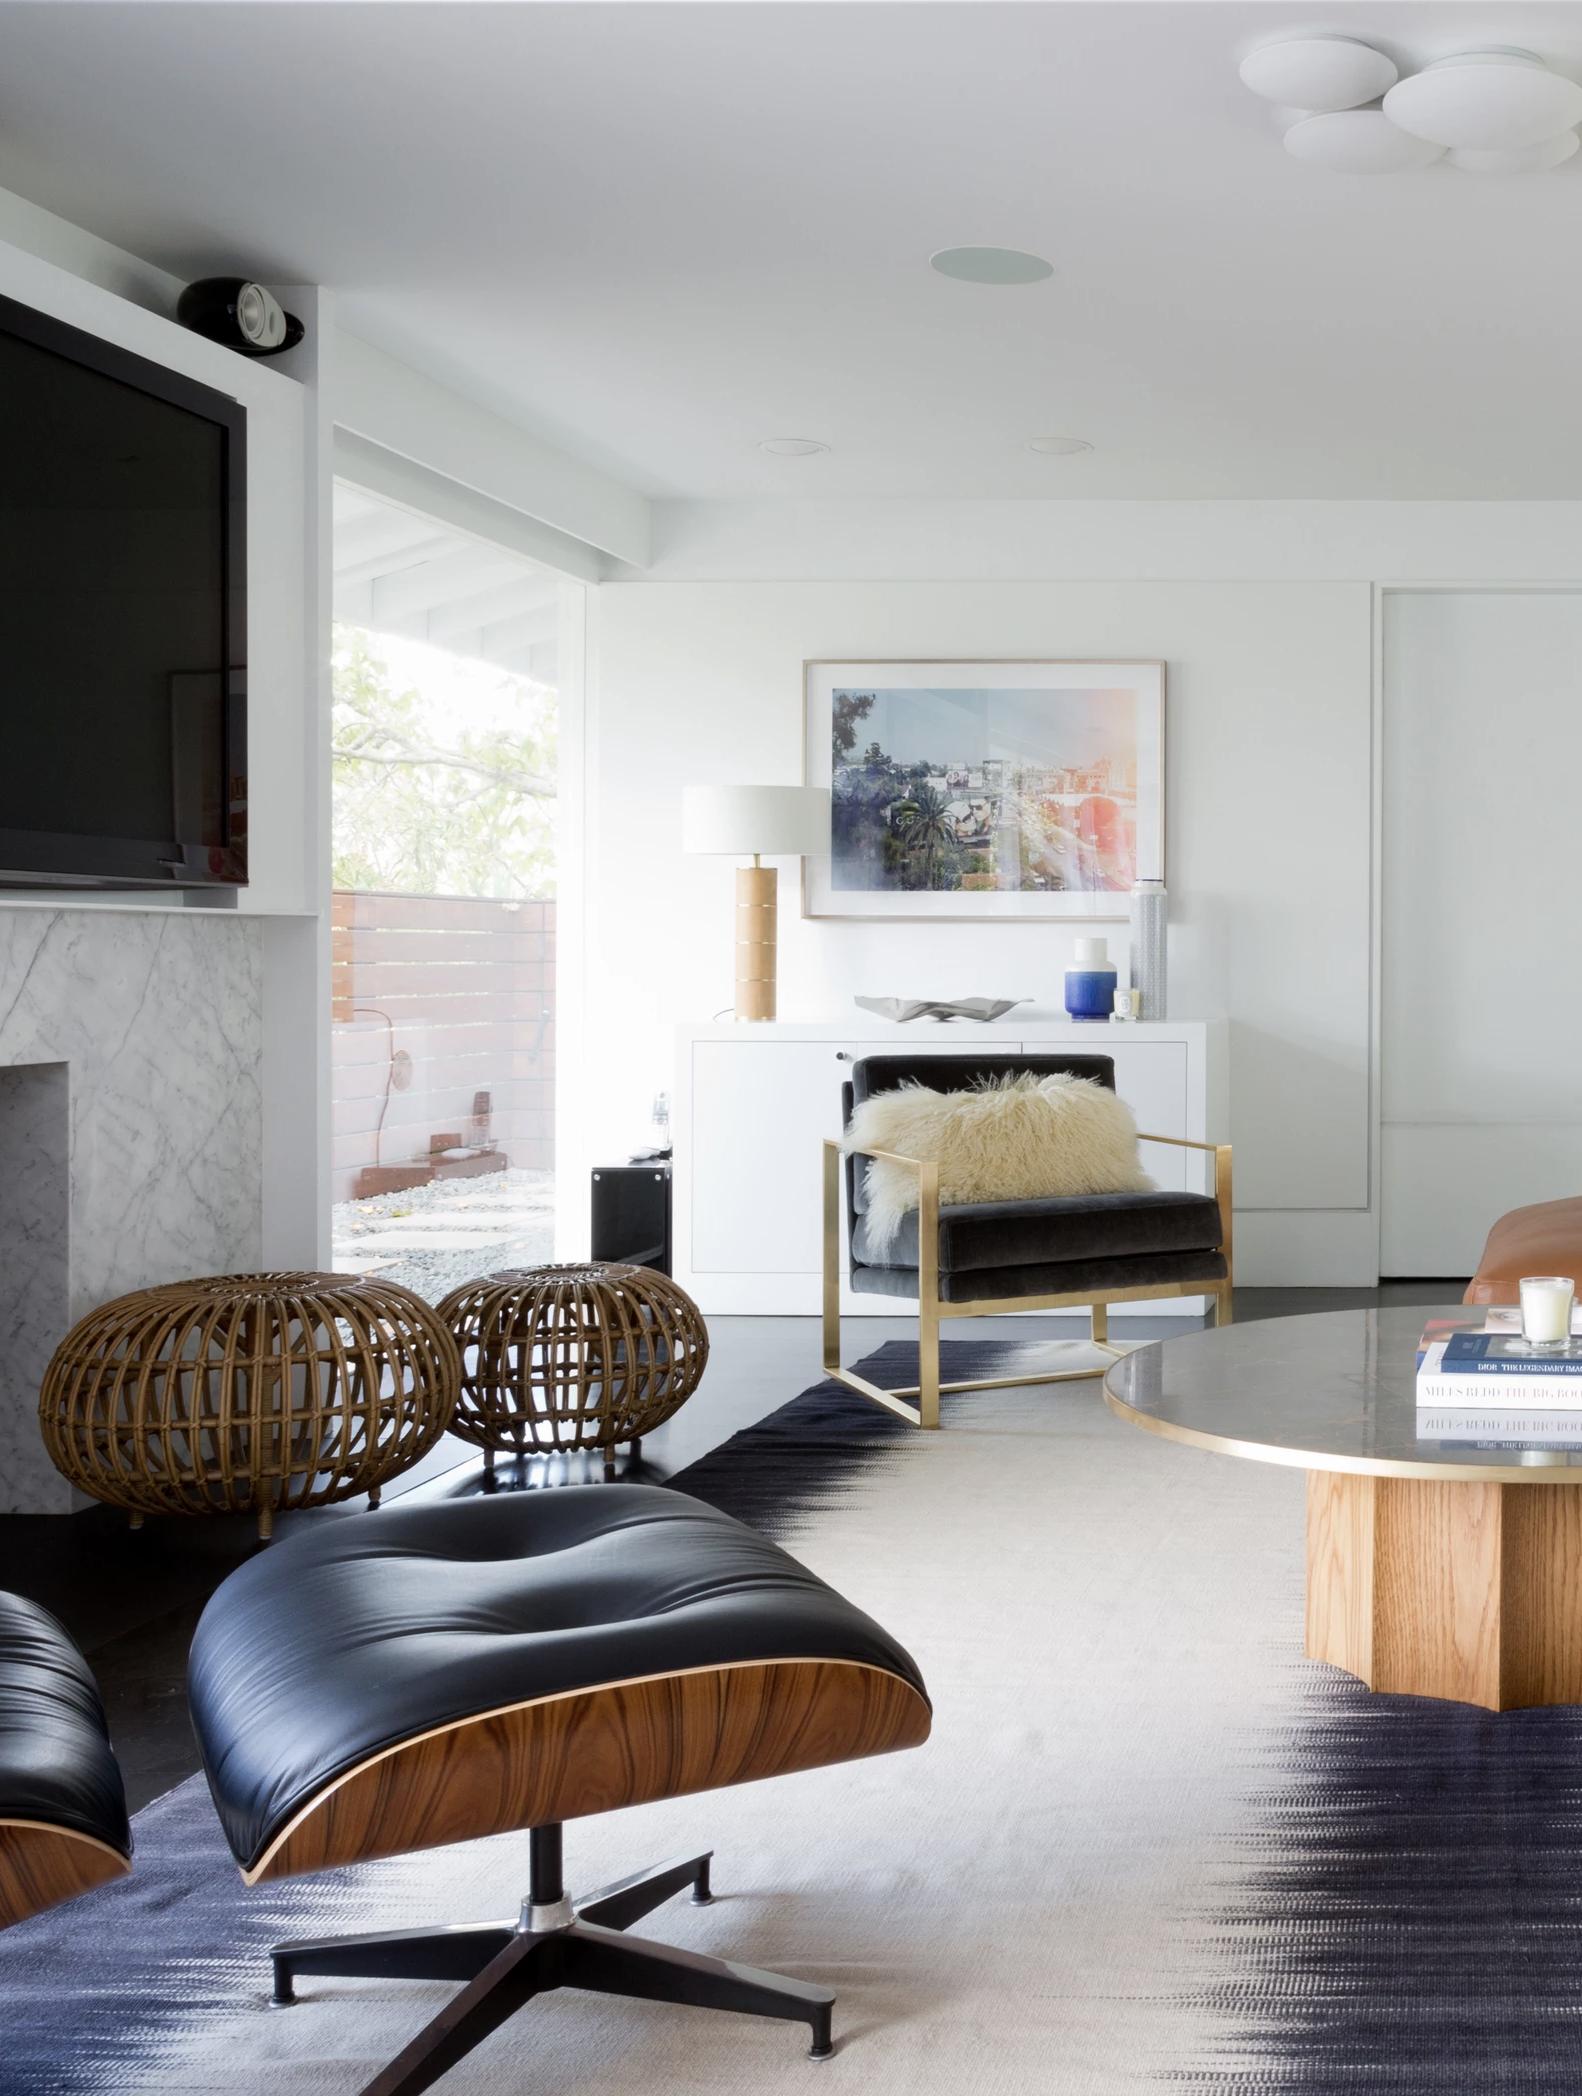 10 Best Modern Living Room Design Ideas In 2018 Modern Living Room Decor